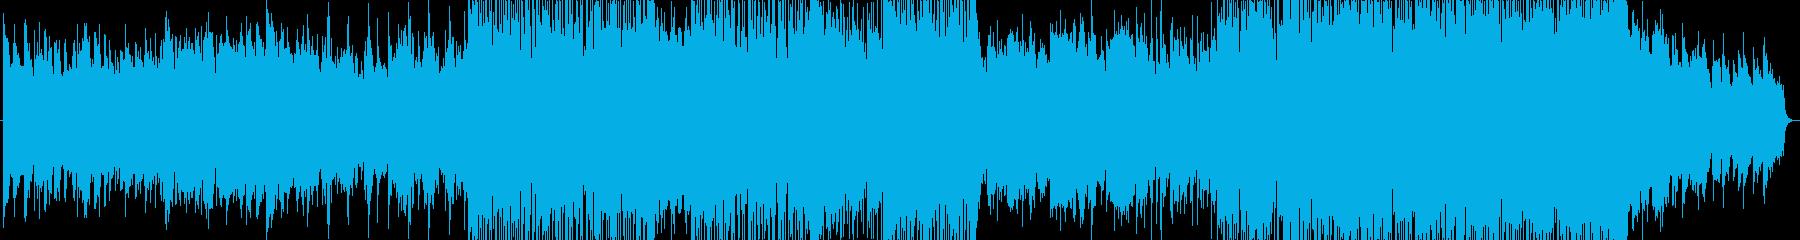 浮遊感と疾走感ある生演奏サックスインストの再生済みの波形